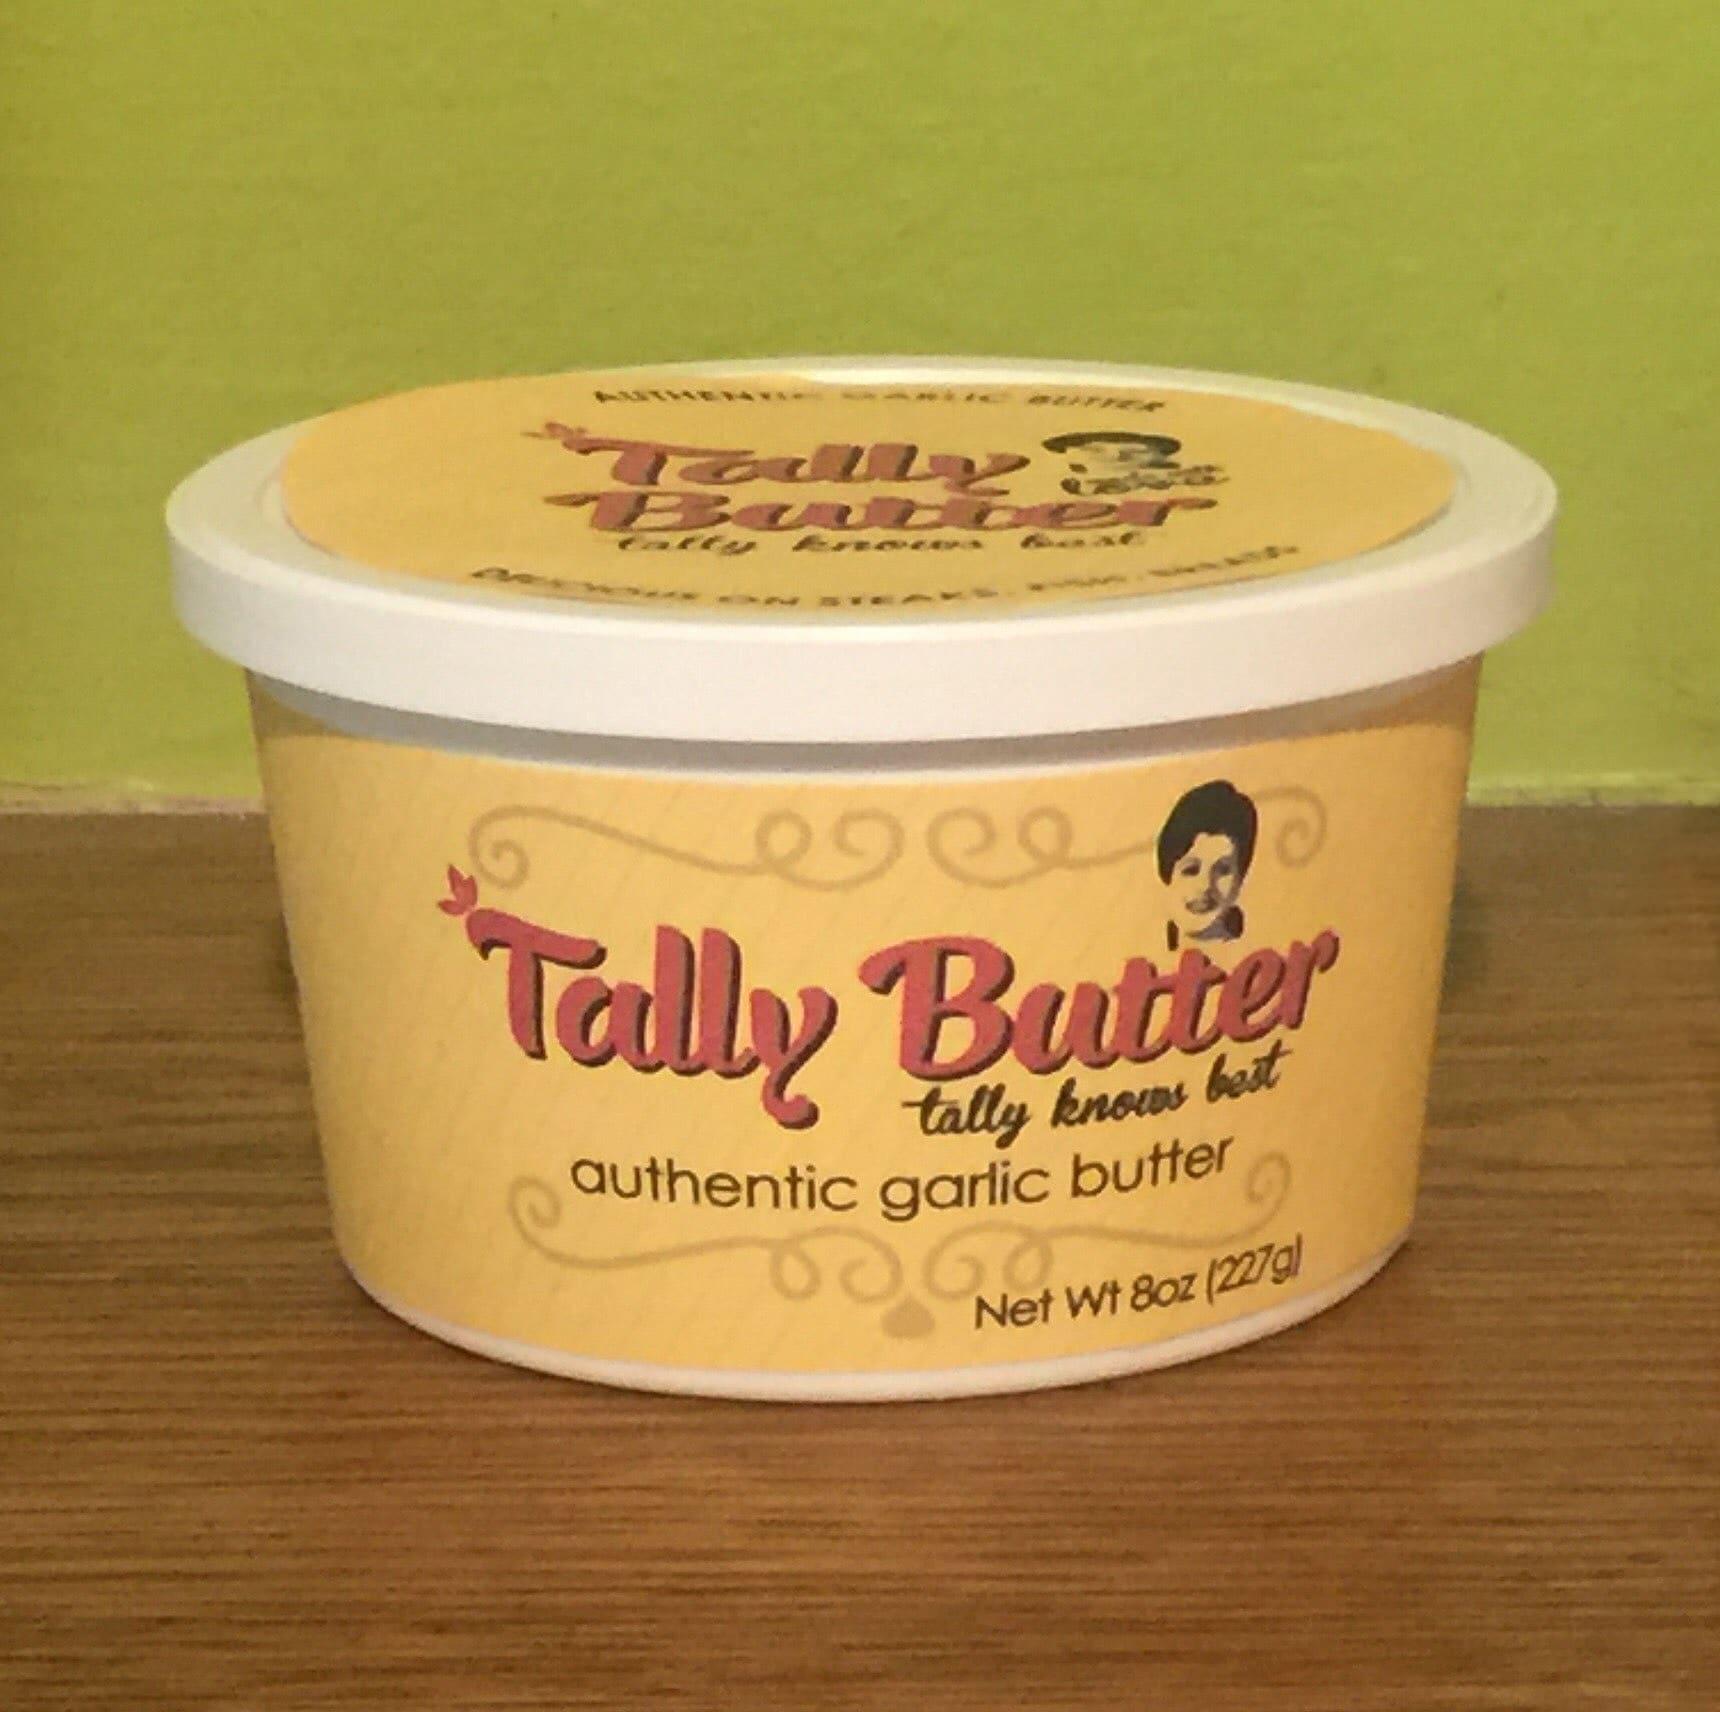 Tally Butter